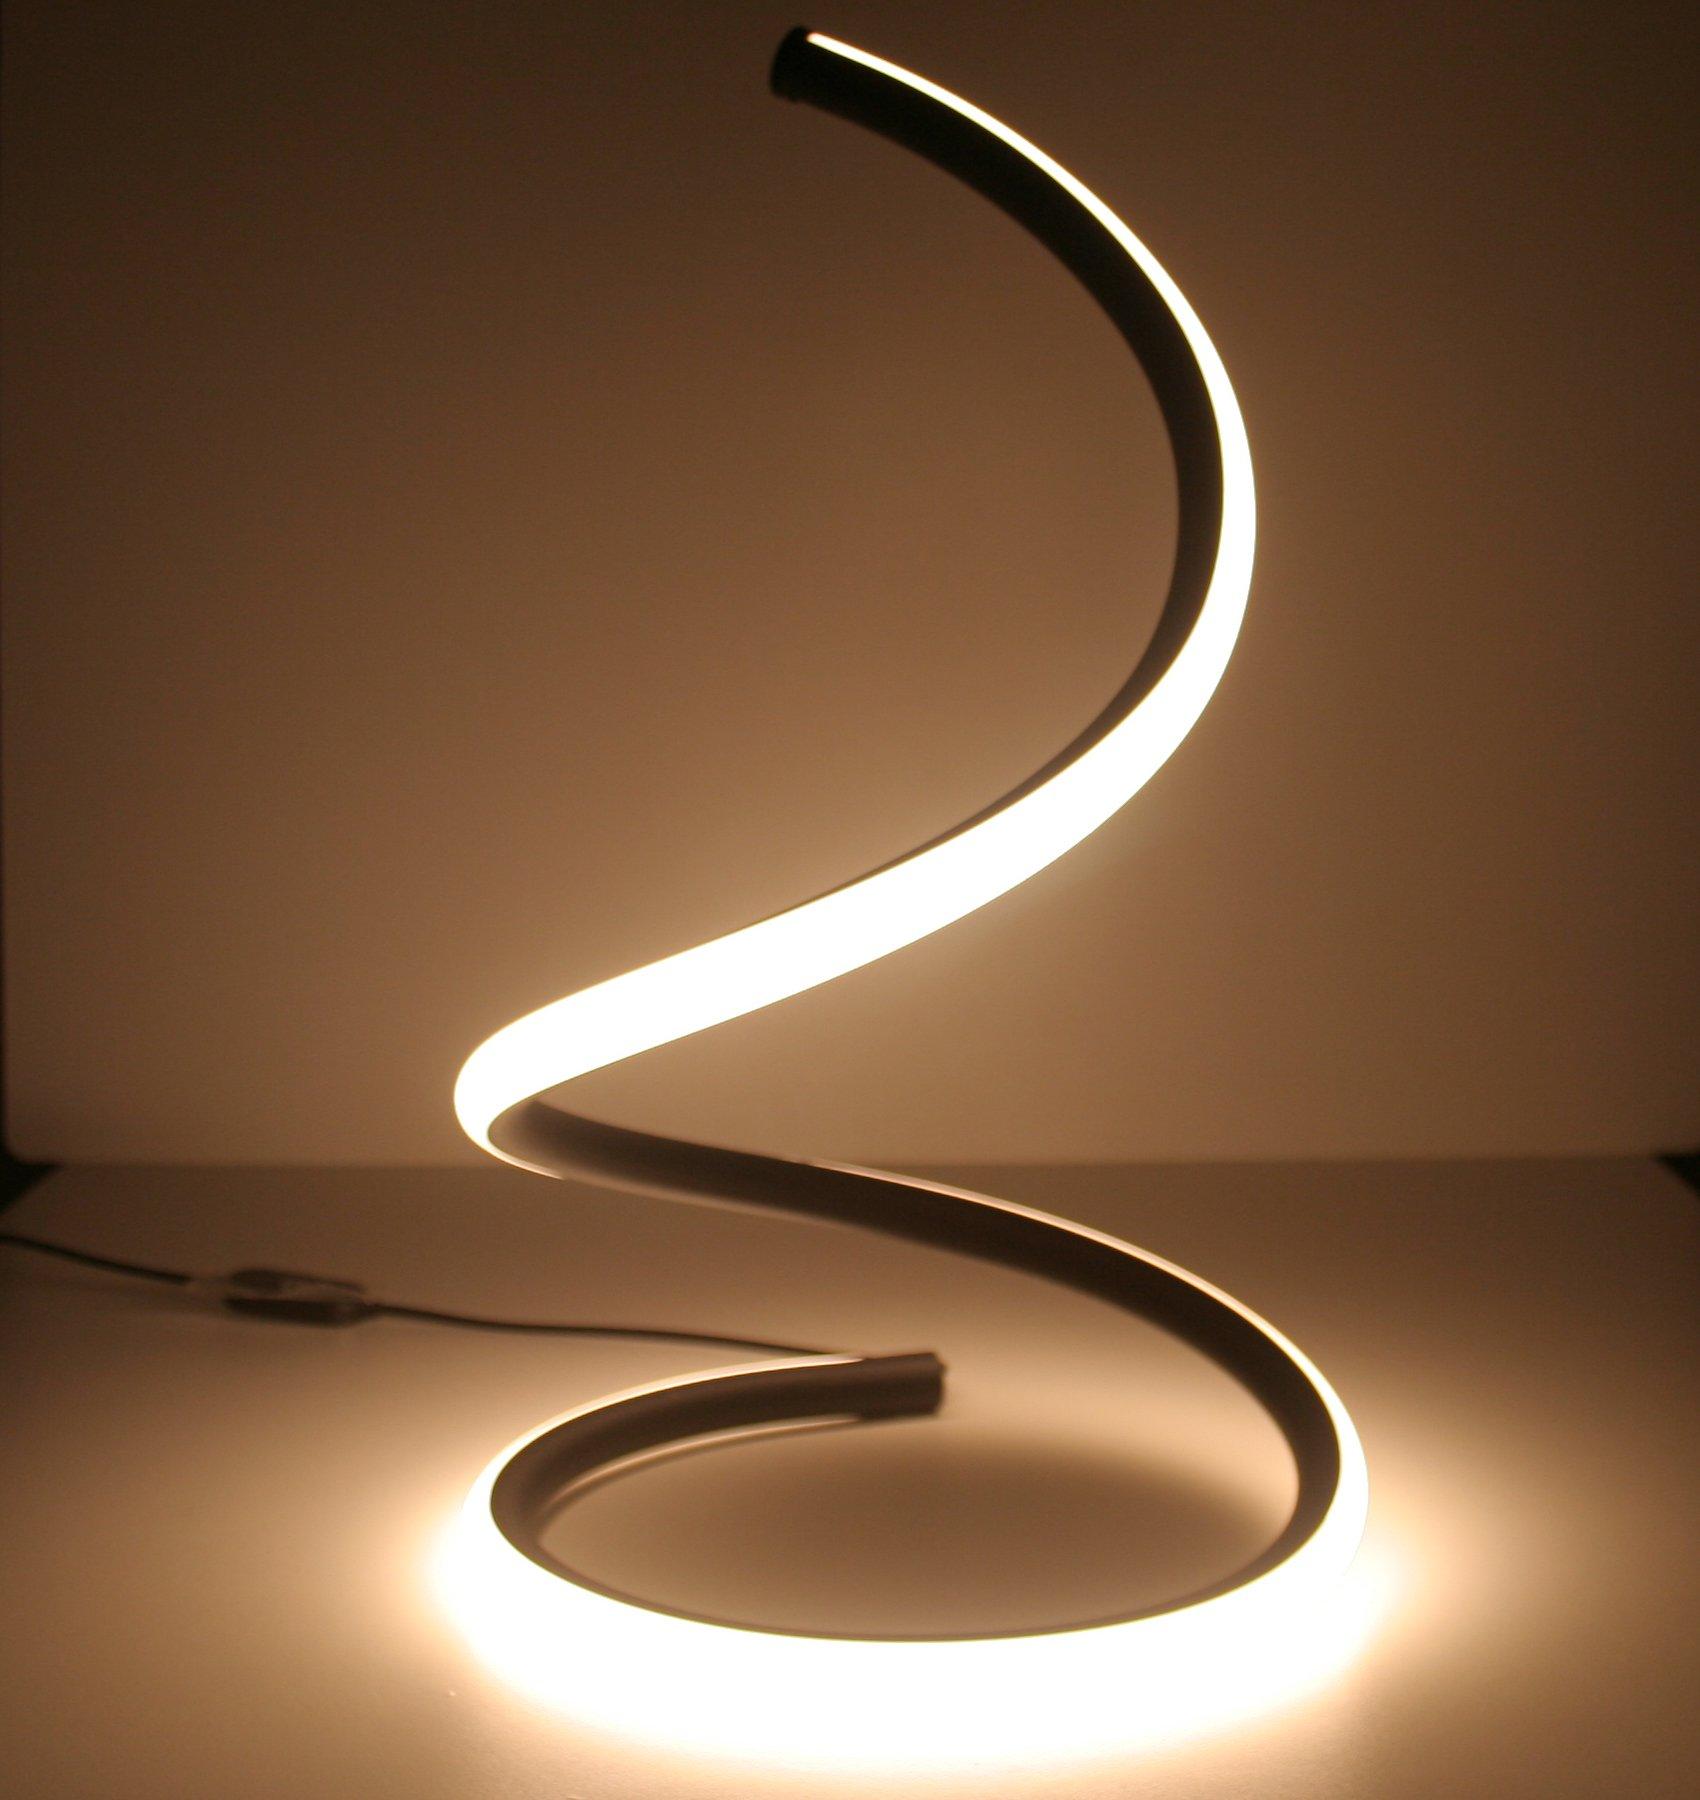 Minimalist lighting Bathroom Awesome Cool Spiral Curved Led Table Lamp Minimalist Lighting Warm White Light 1stdibs Awesome Cool Spiral Curved Led Table Lamp Minimalist Lighting Warm